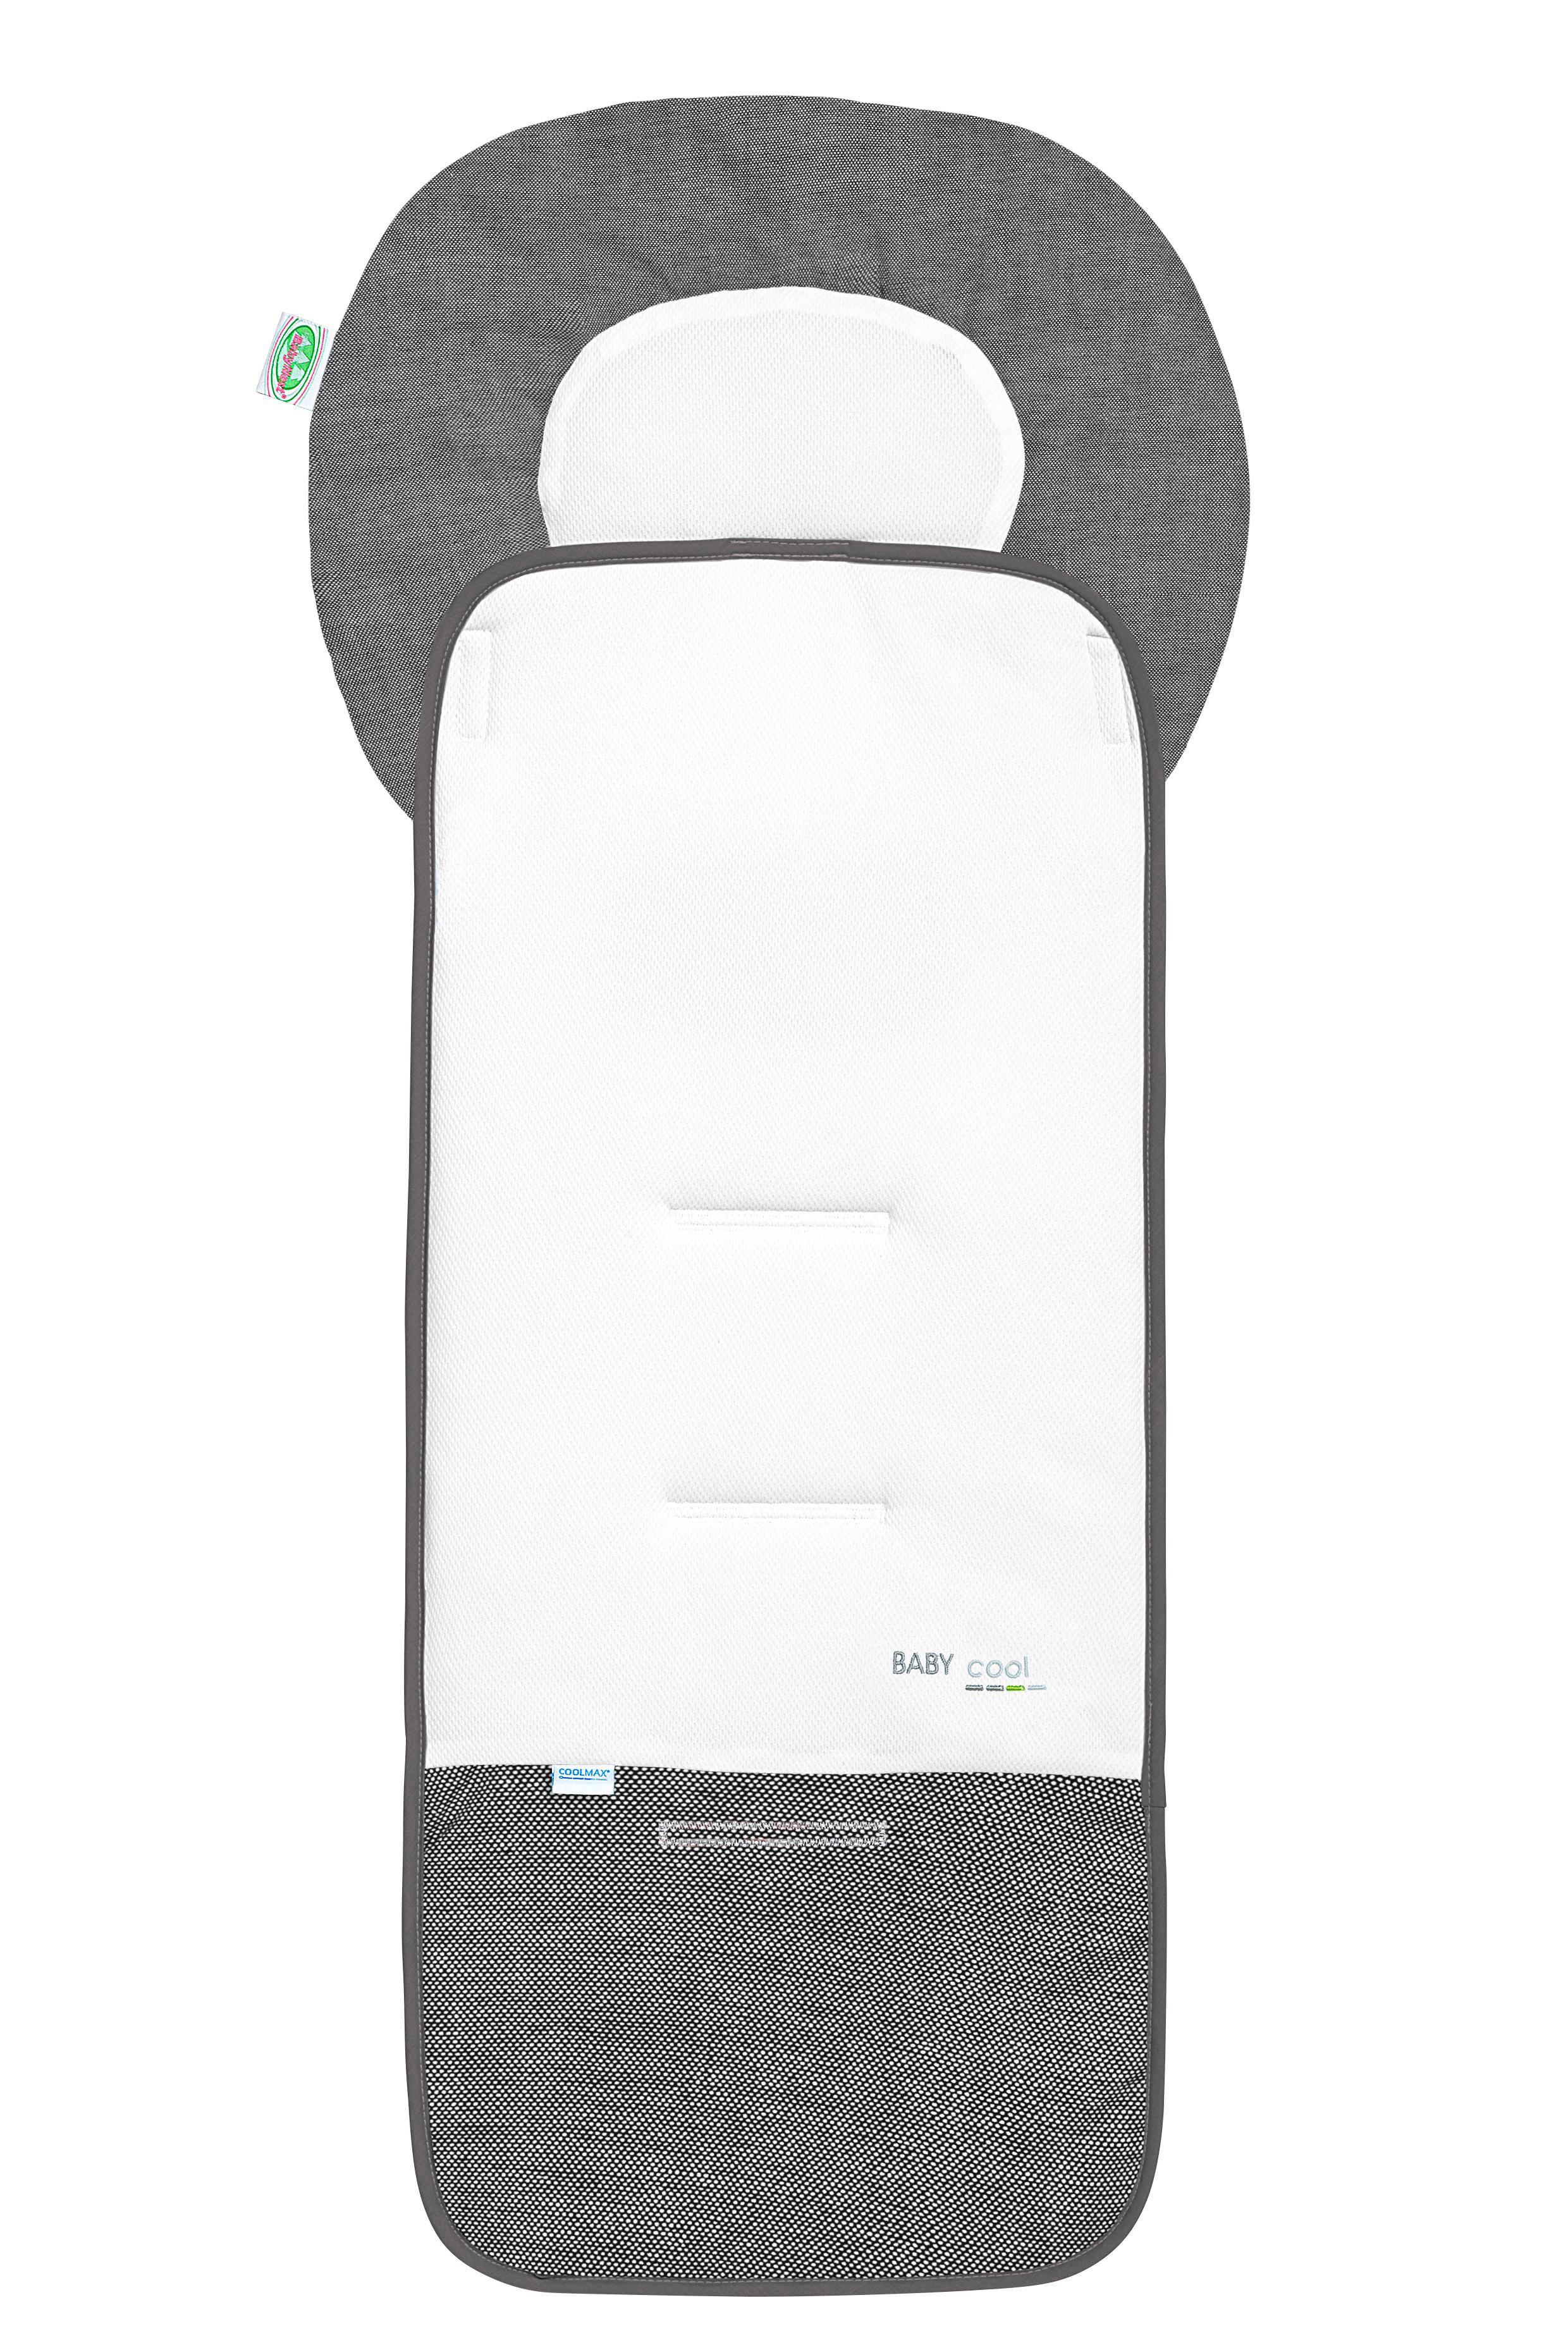 KINDERWAGENEINLAGE - Graphitfarben/Weiß, Textil - ODENWÄLDER